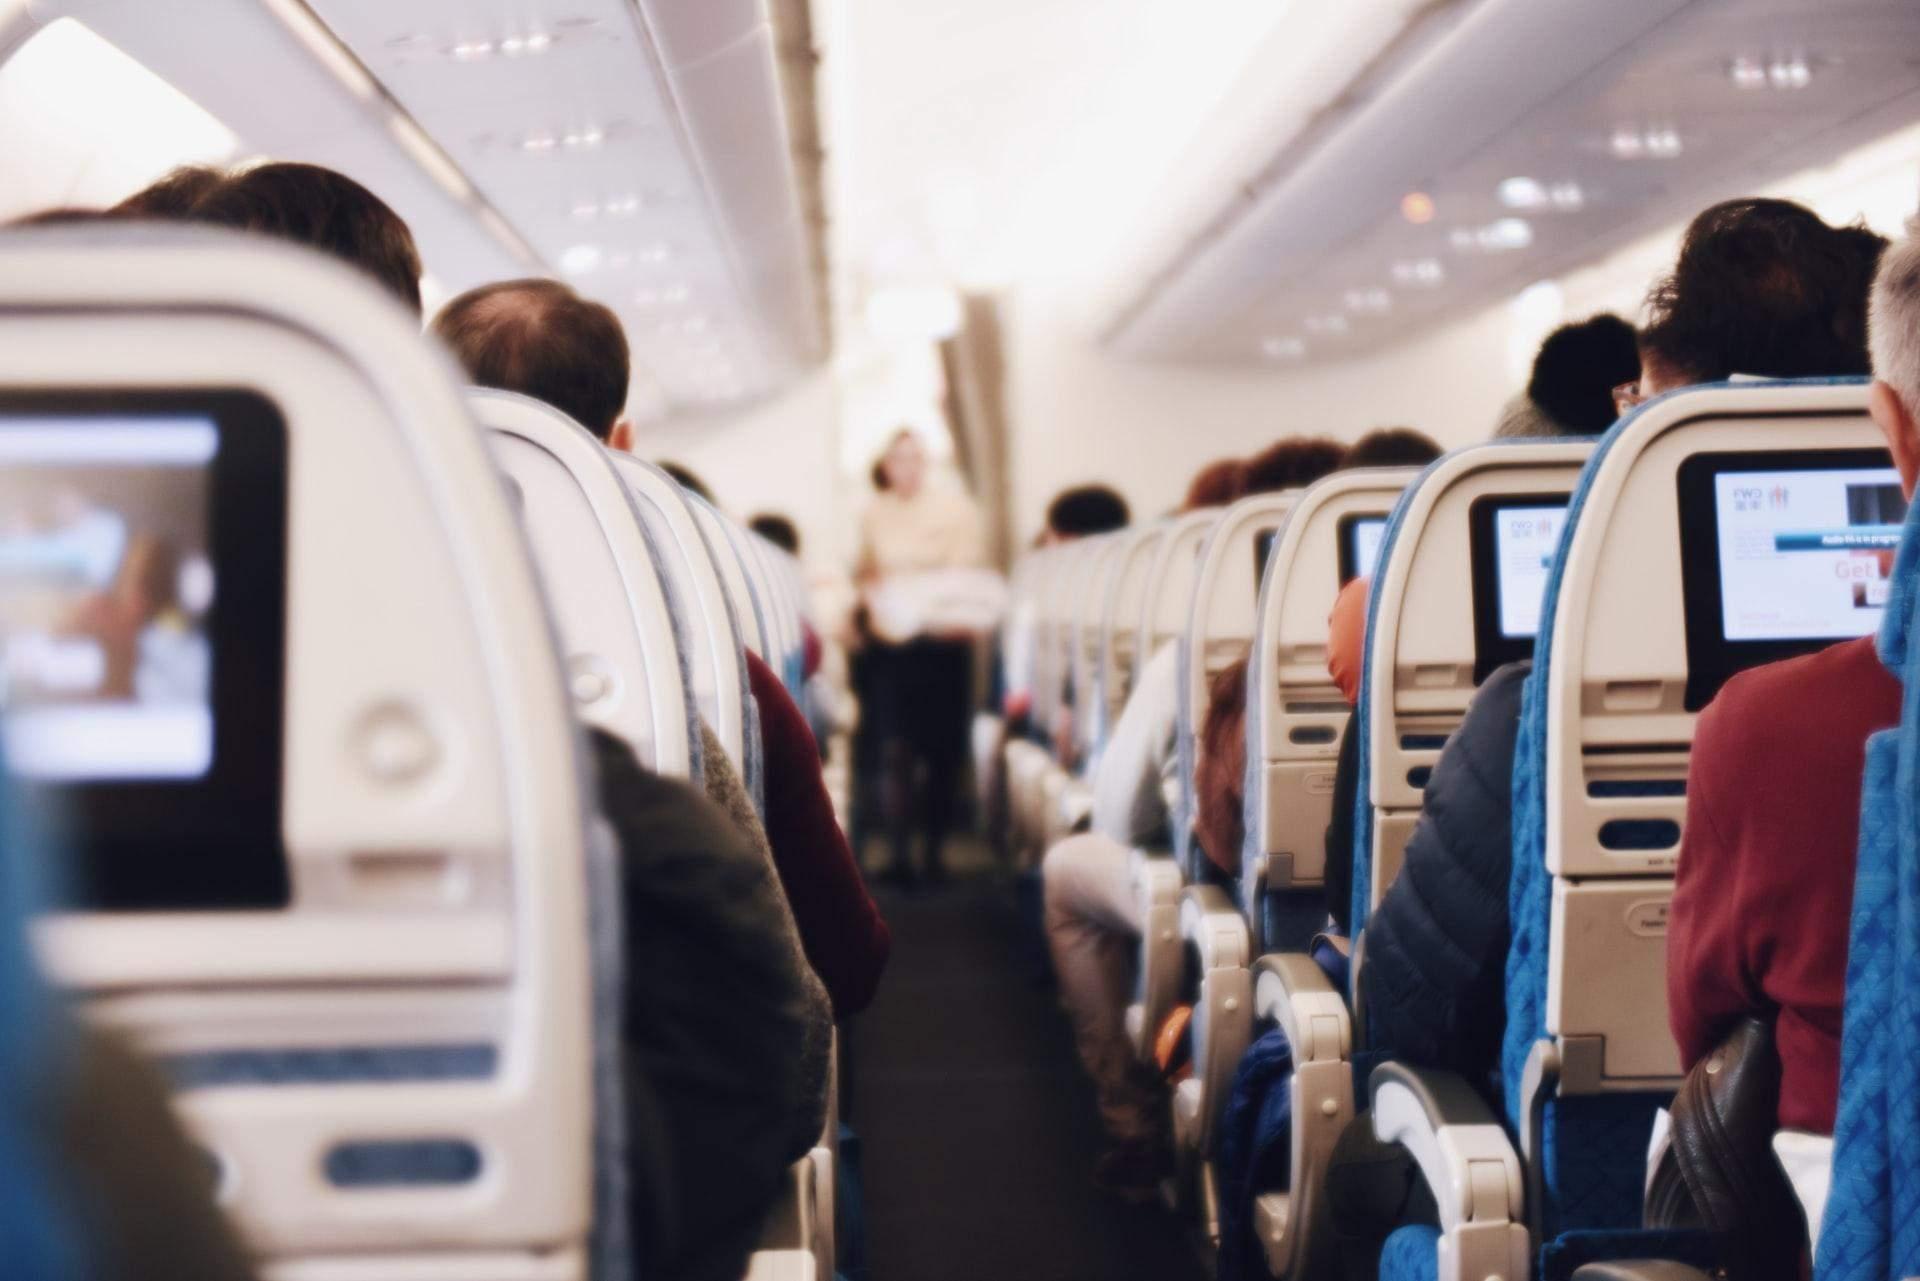 Ліки можна брати в літак